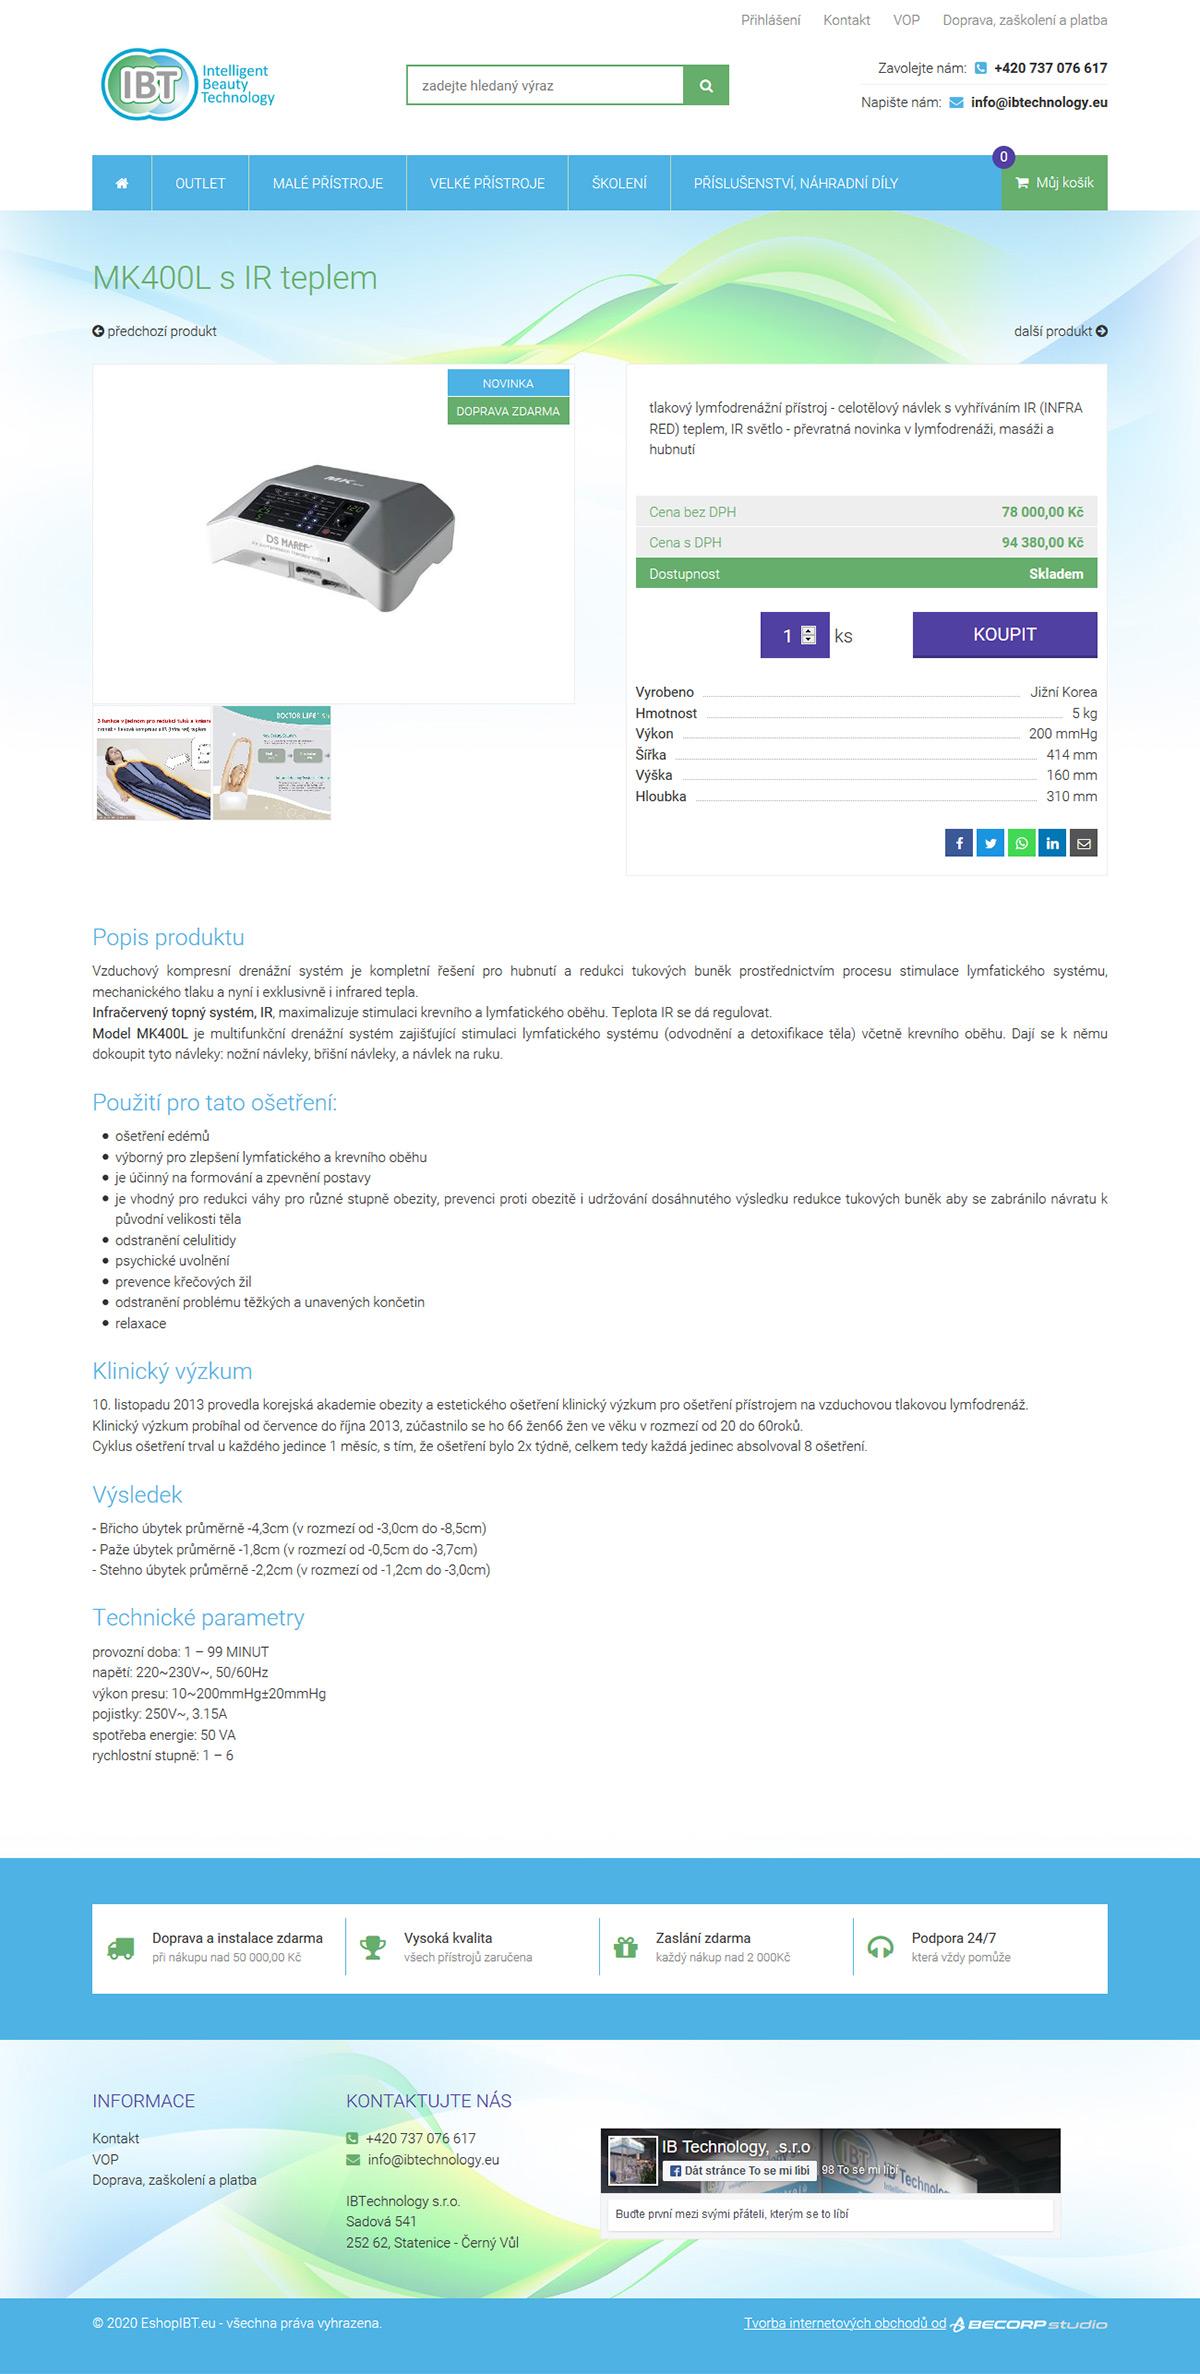 Moderní e-shop se speciálními přístroji pro kosmetická, beauty či fitness studia